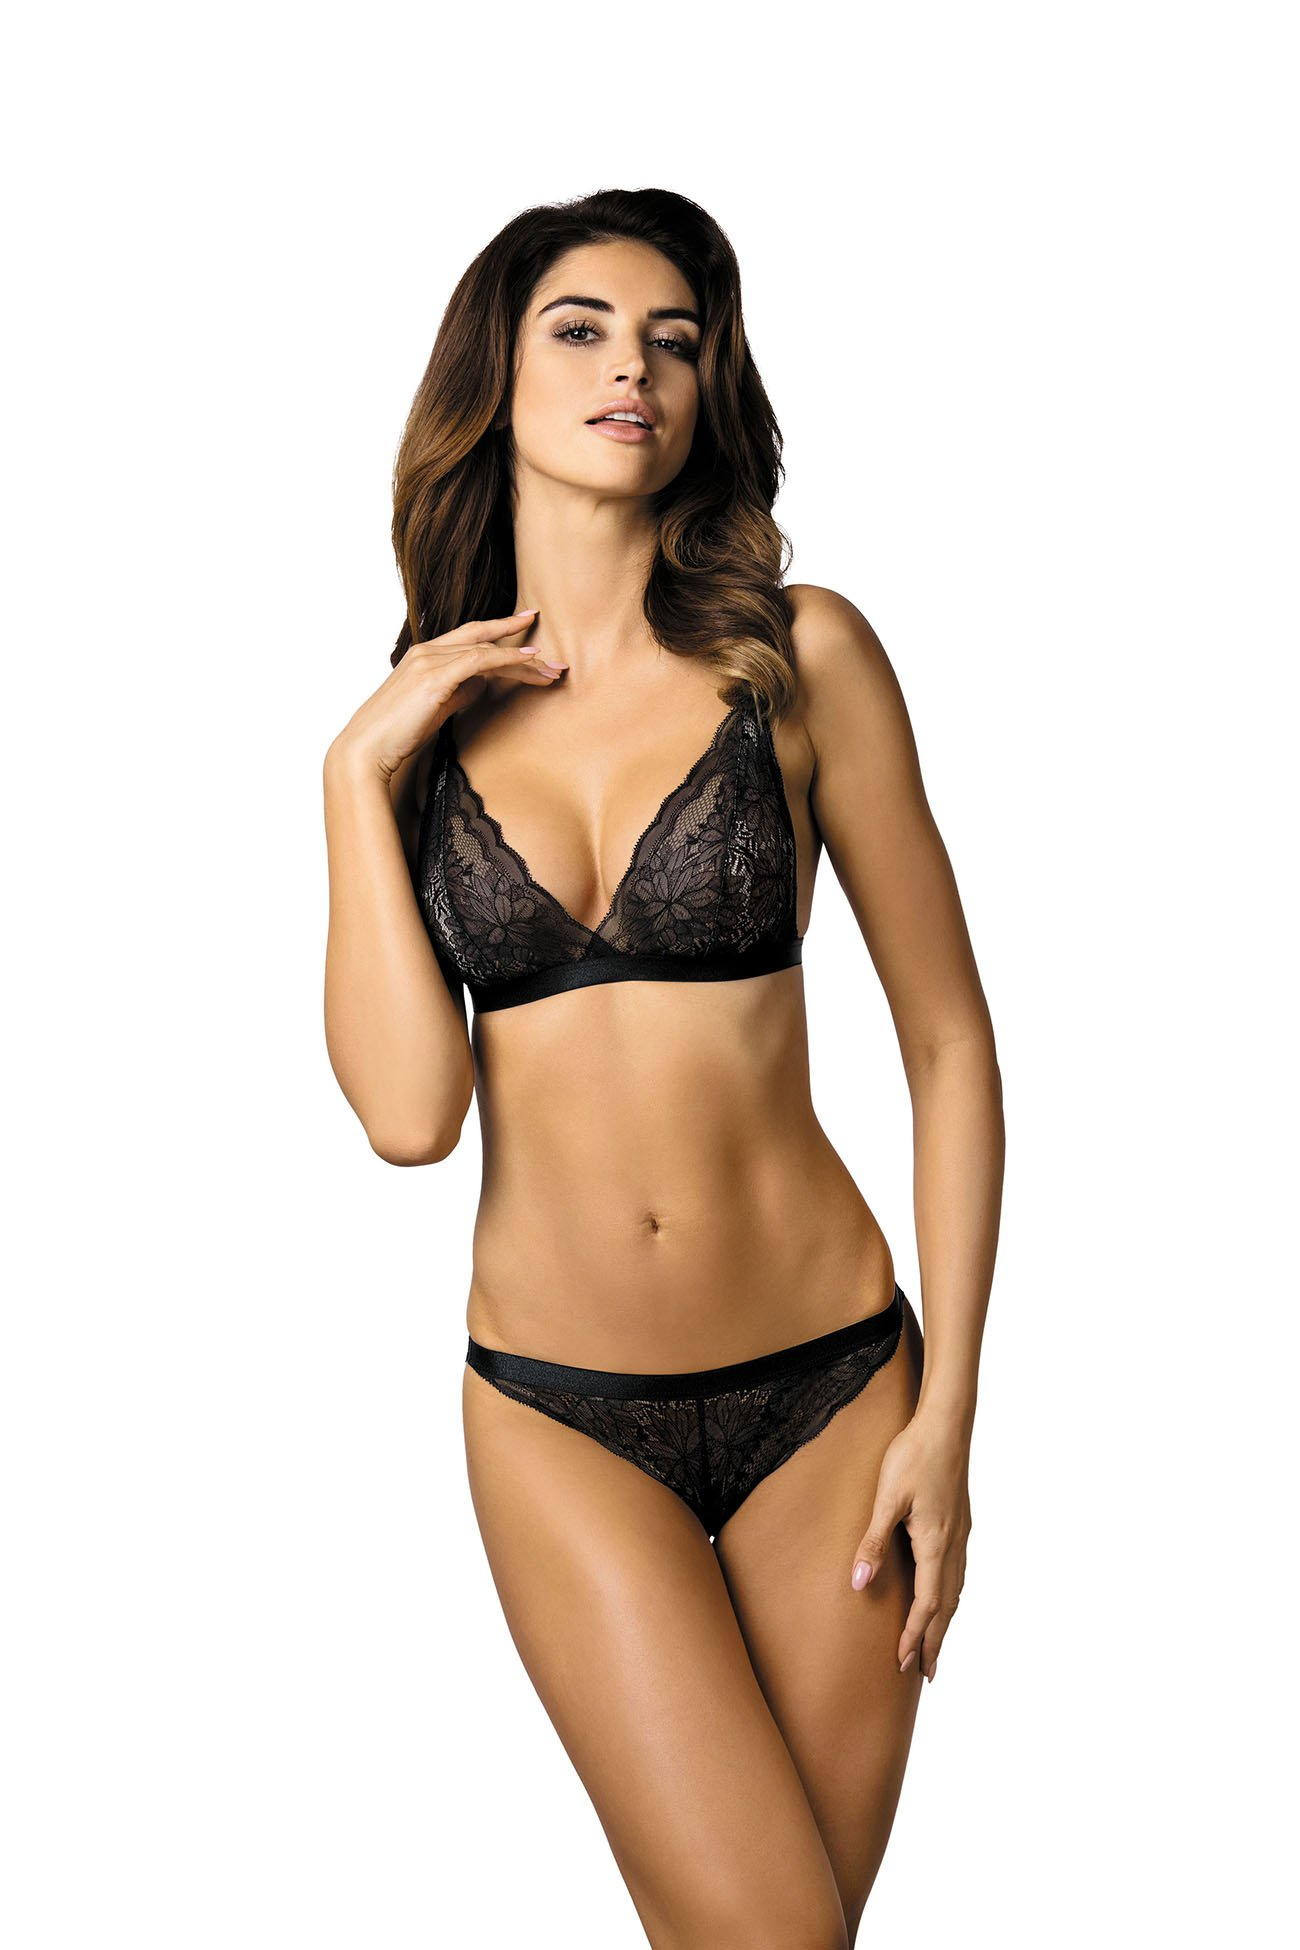 361a141b1f8c74 Desire/B2 biustonosz miękki czarny: rozmiary, opinie - ekskluzywna bielizna  Gorteks